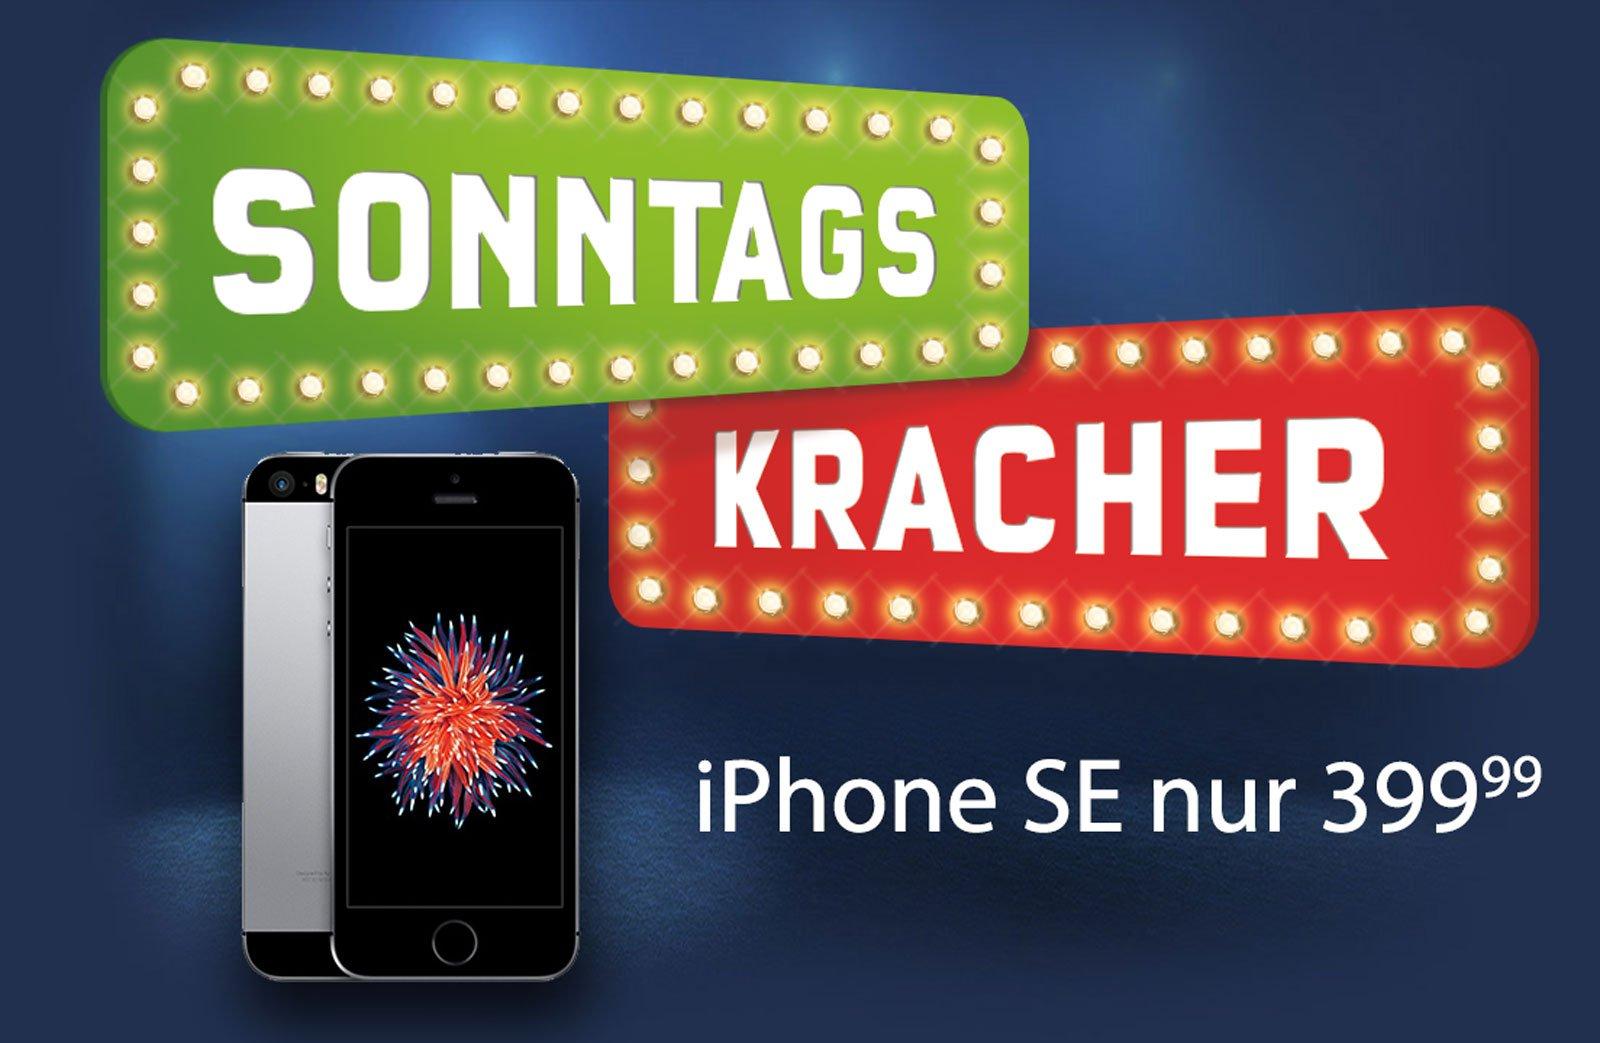 Megakracher: Apple iPhone SE für 399€ im Sonderangebot! 1